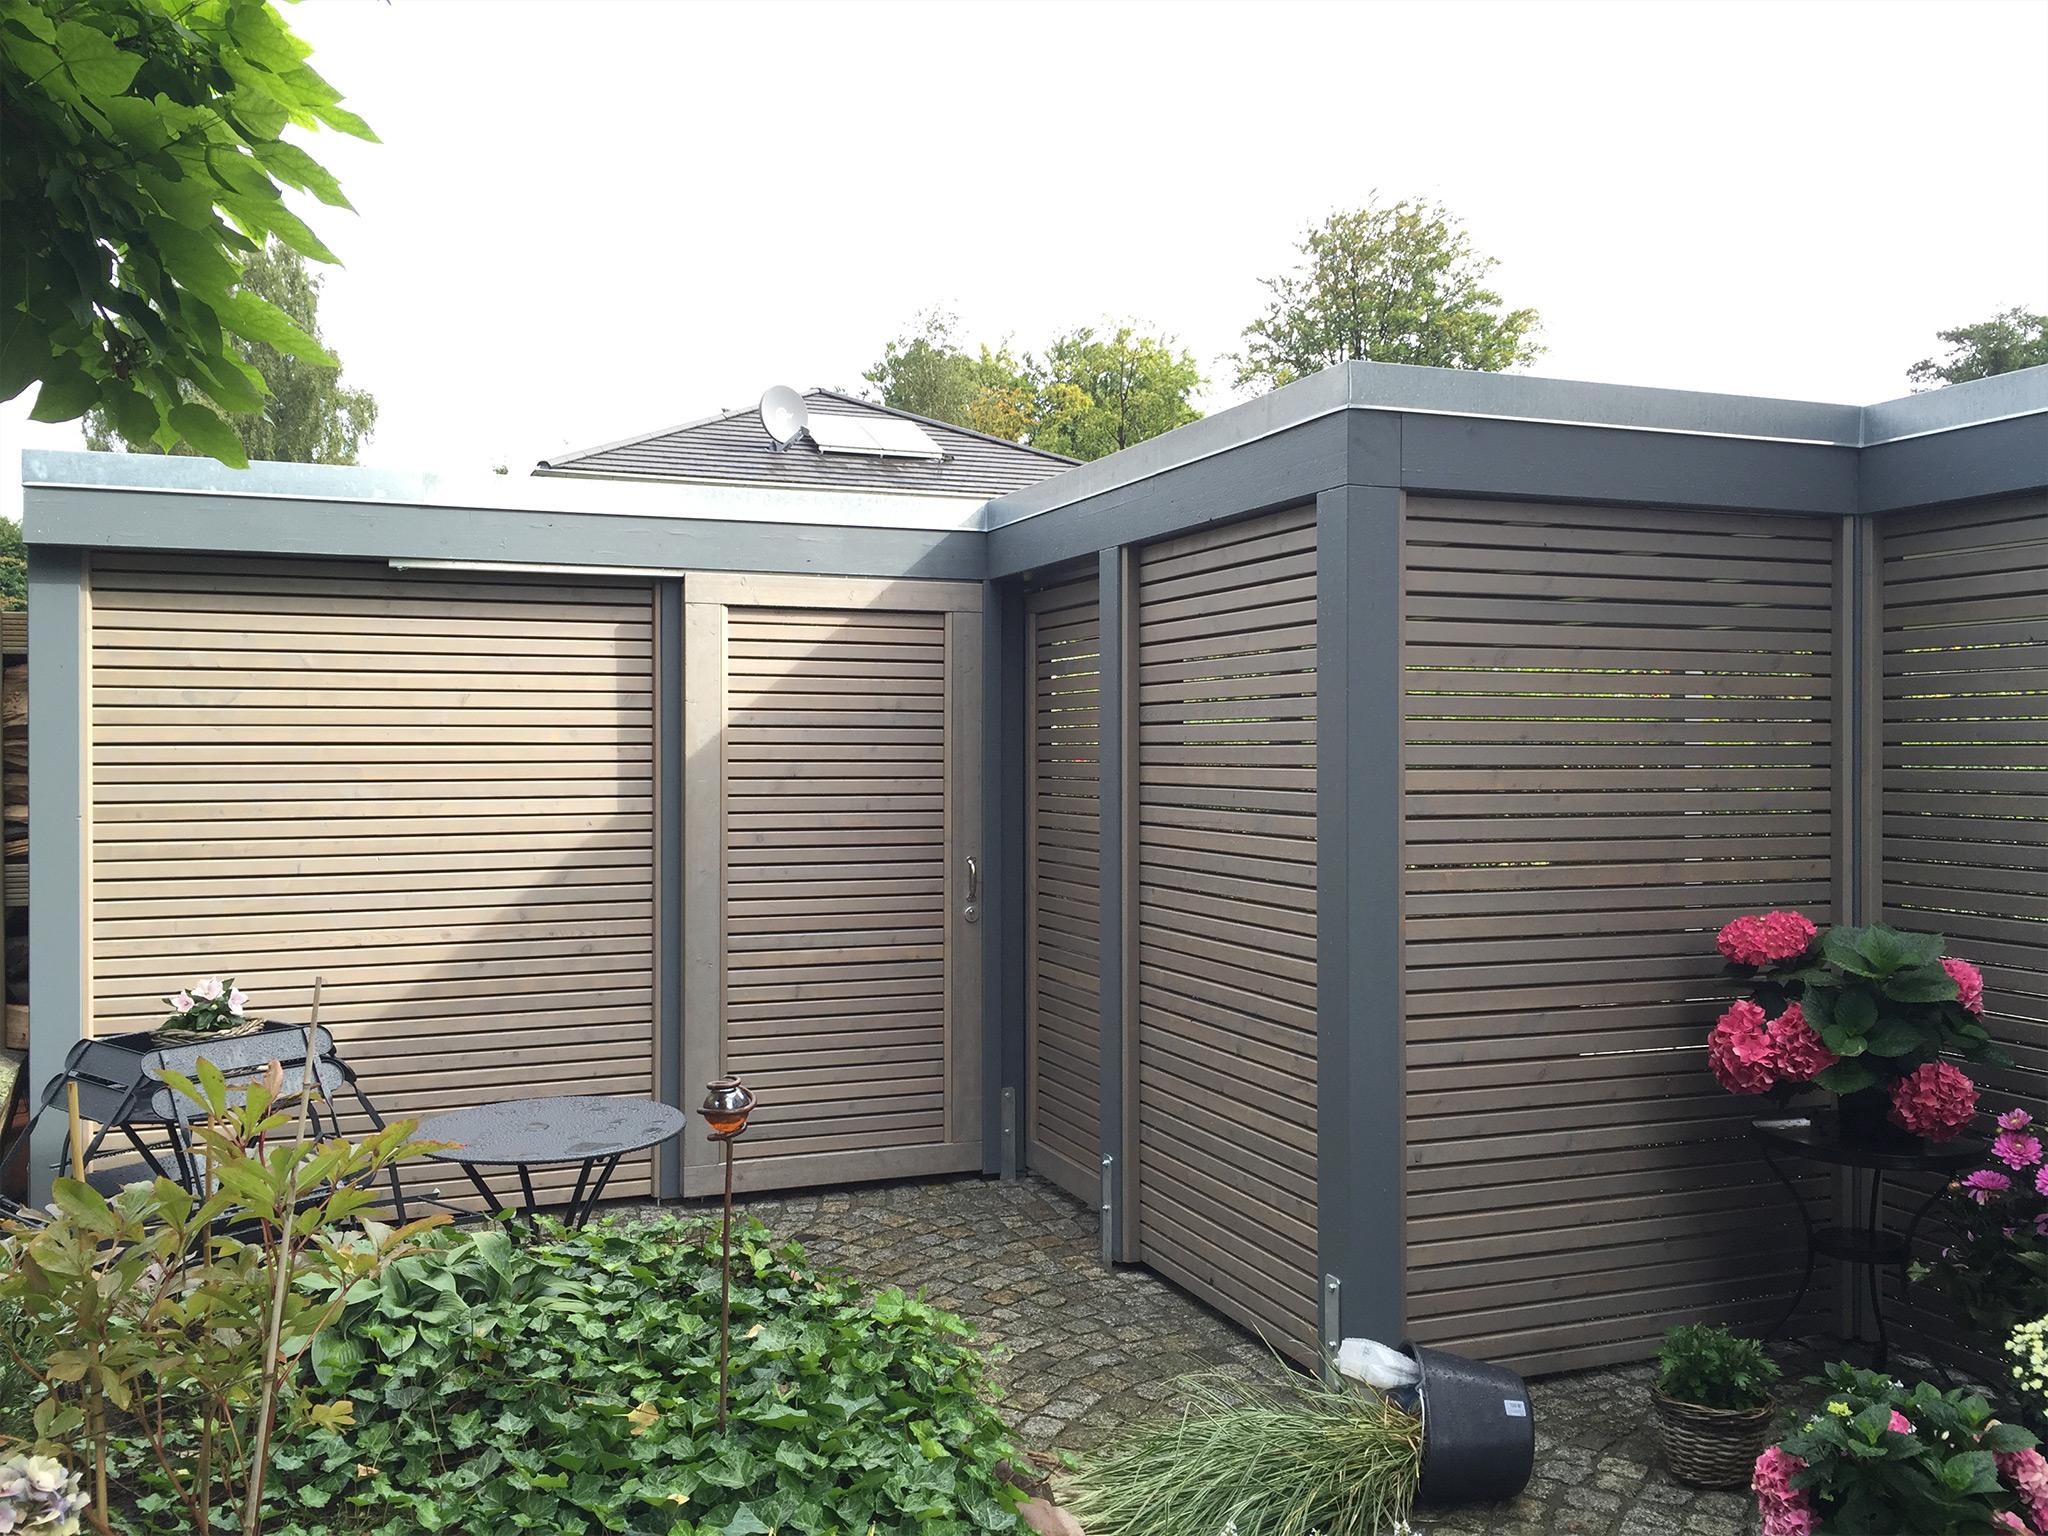 Design-Carport aus Holz mit grauen Pfosten, grauer Blende, Alu-Abdeckprofil und Rhombuswänden offen mit integrierter Schiebetür